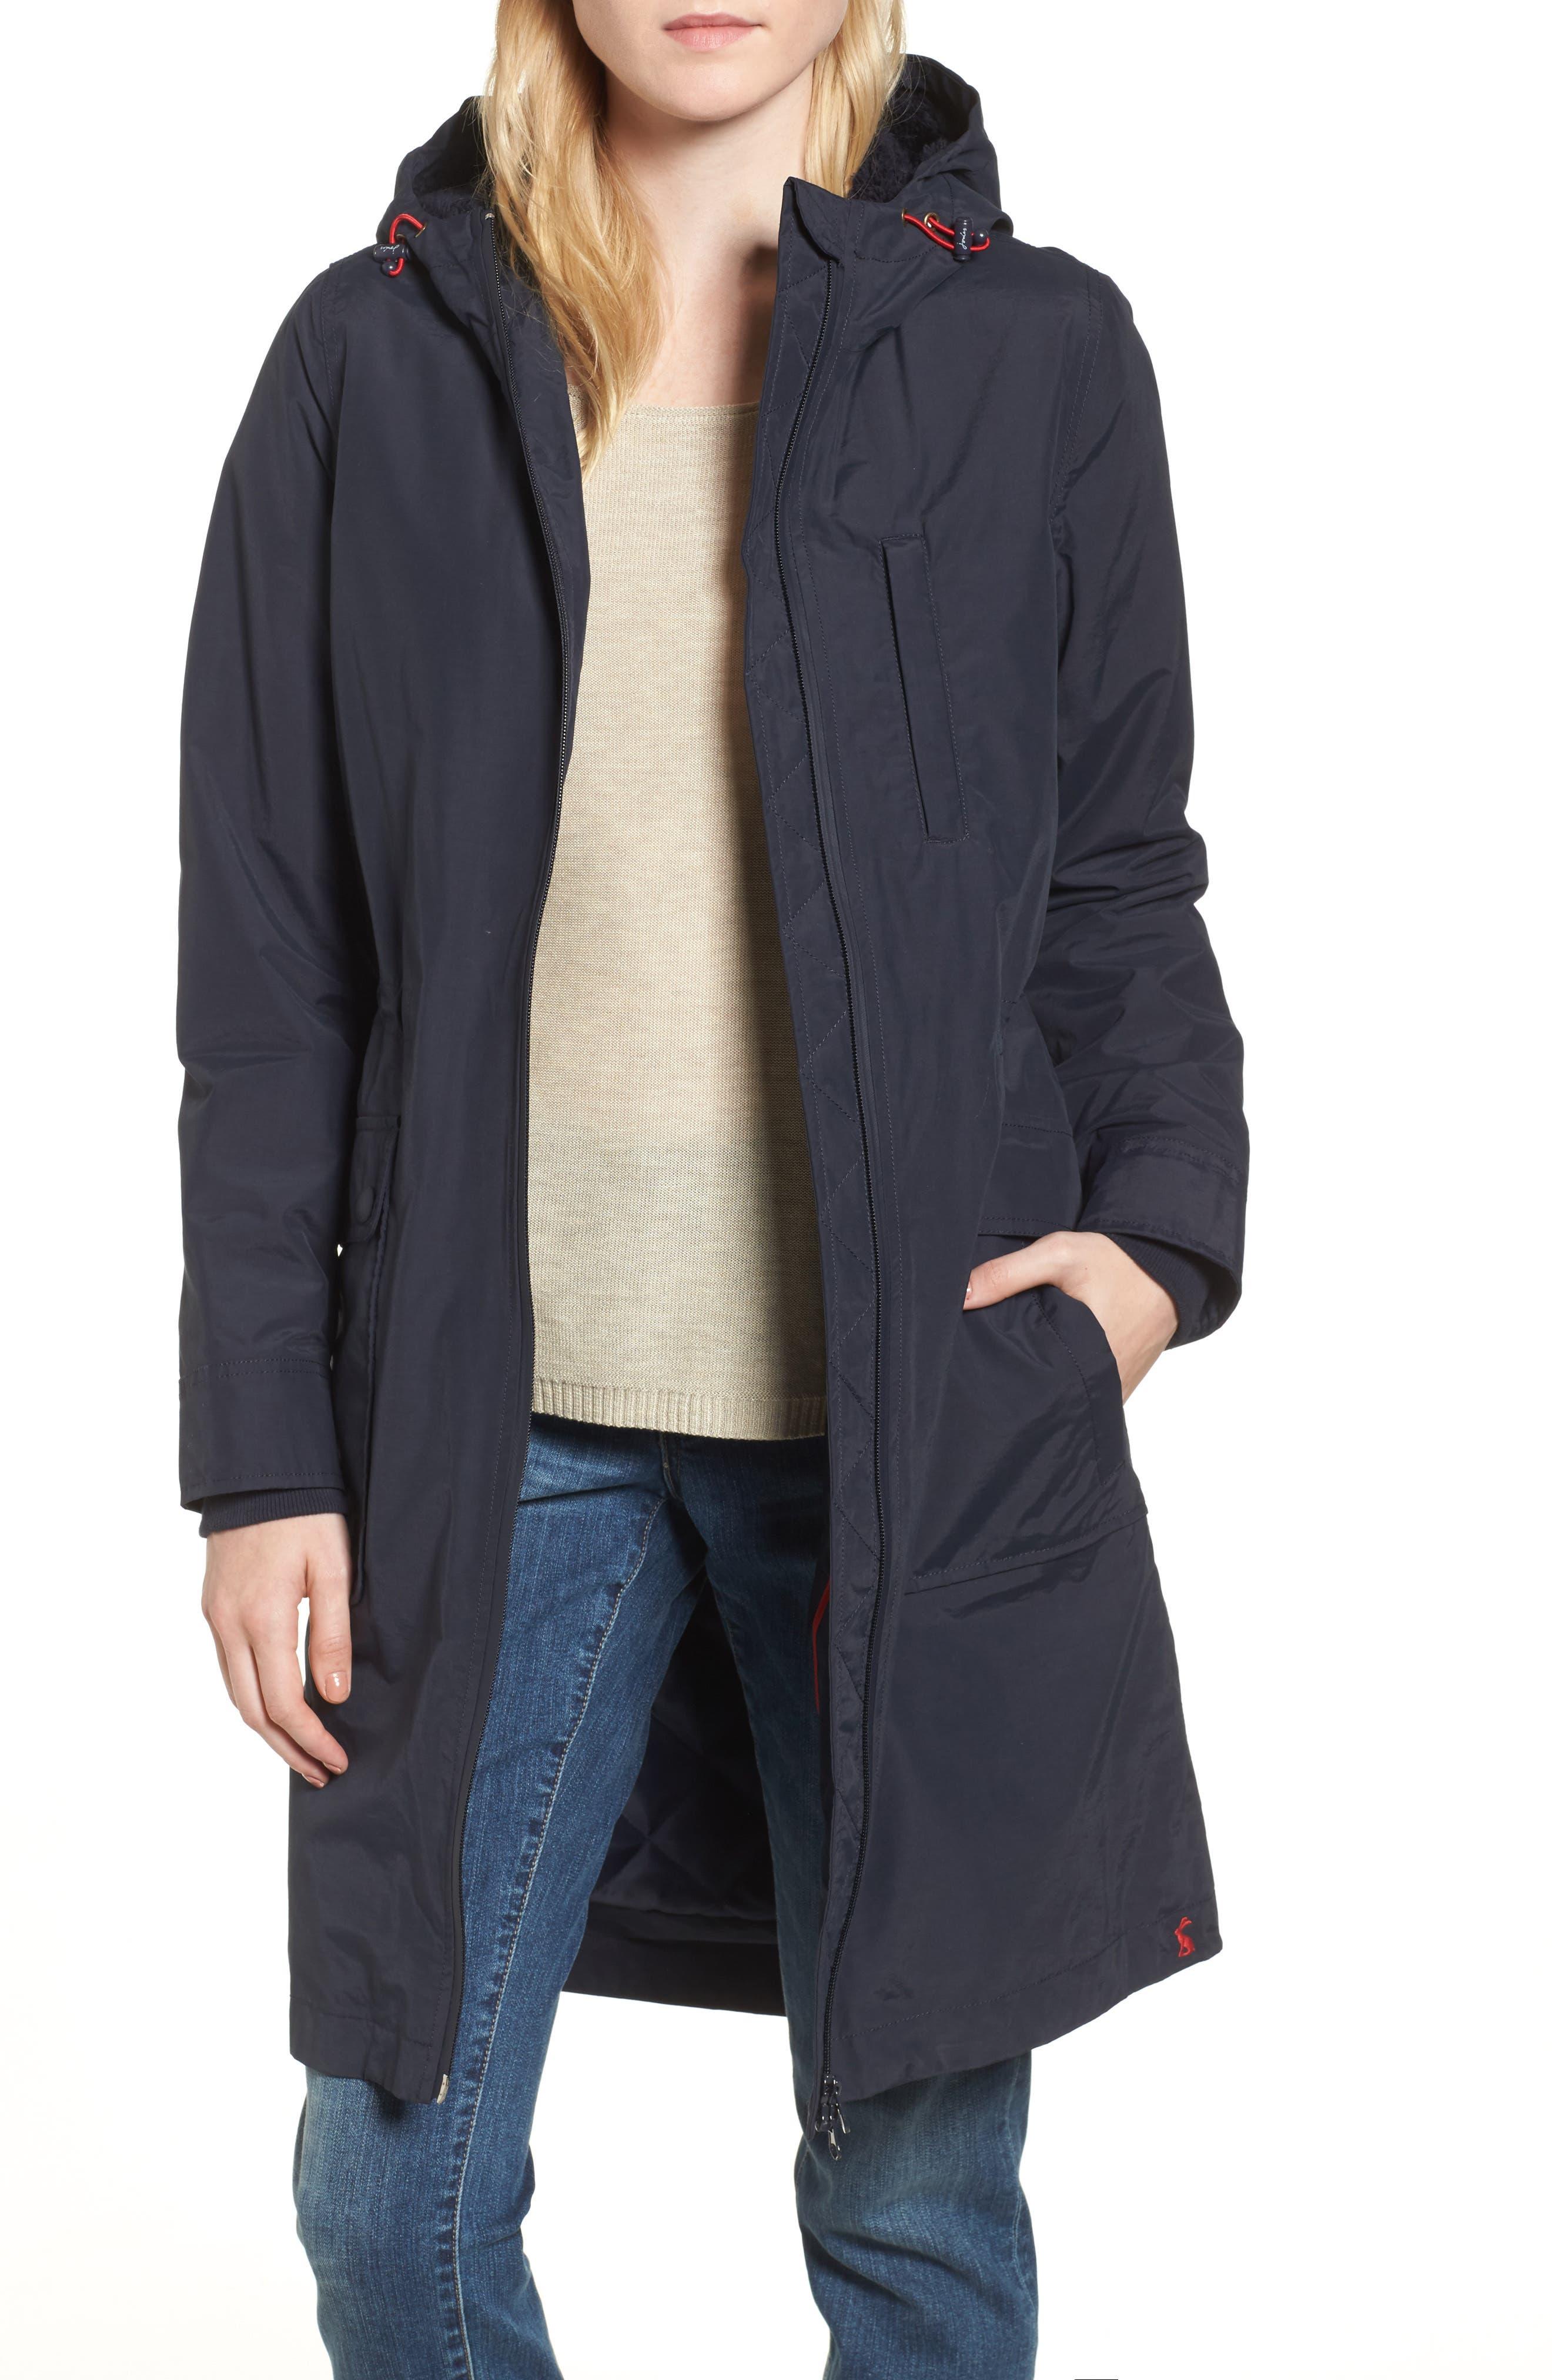 Hooded Fleece Lined Raincoat,                             Main thumbnail 1, color,